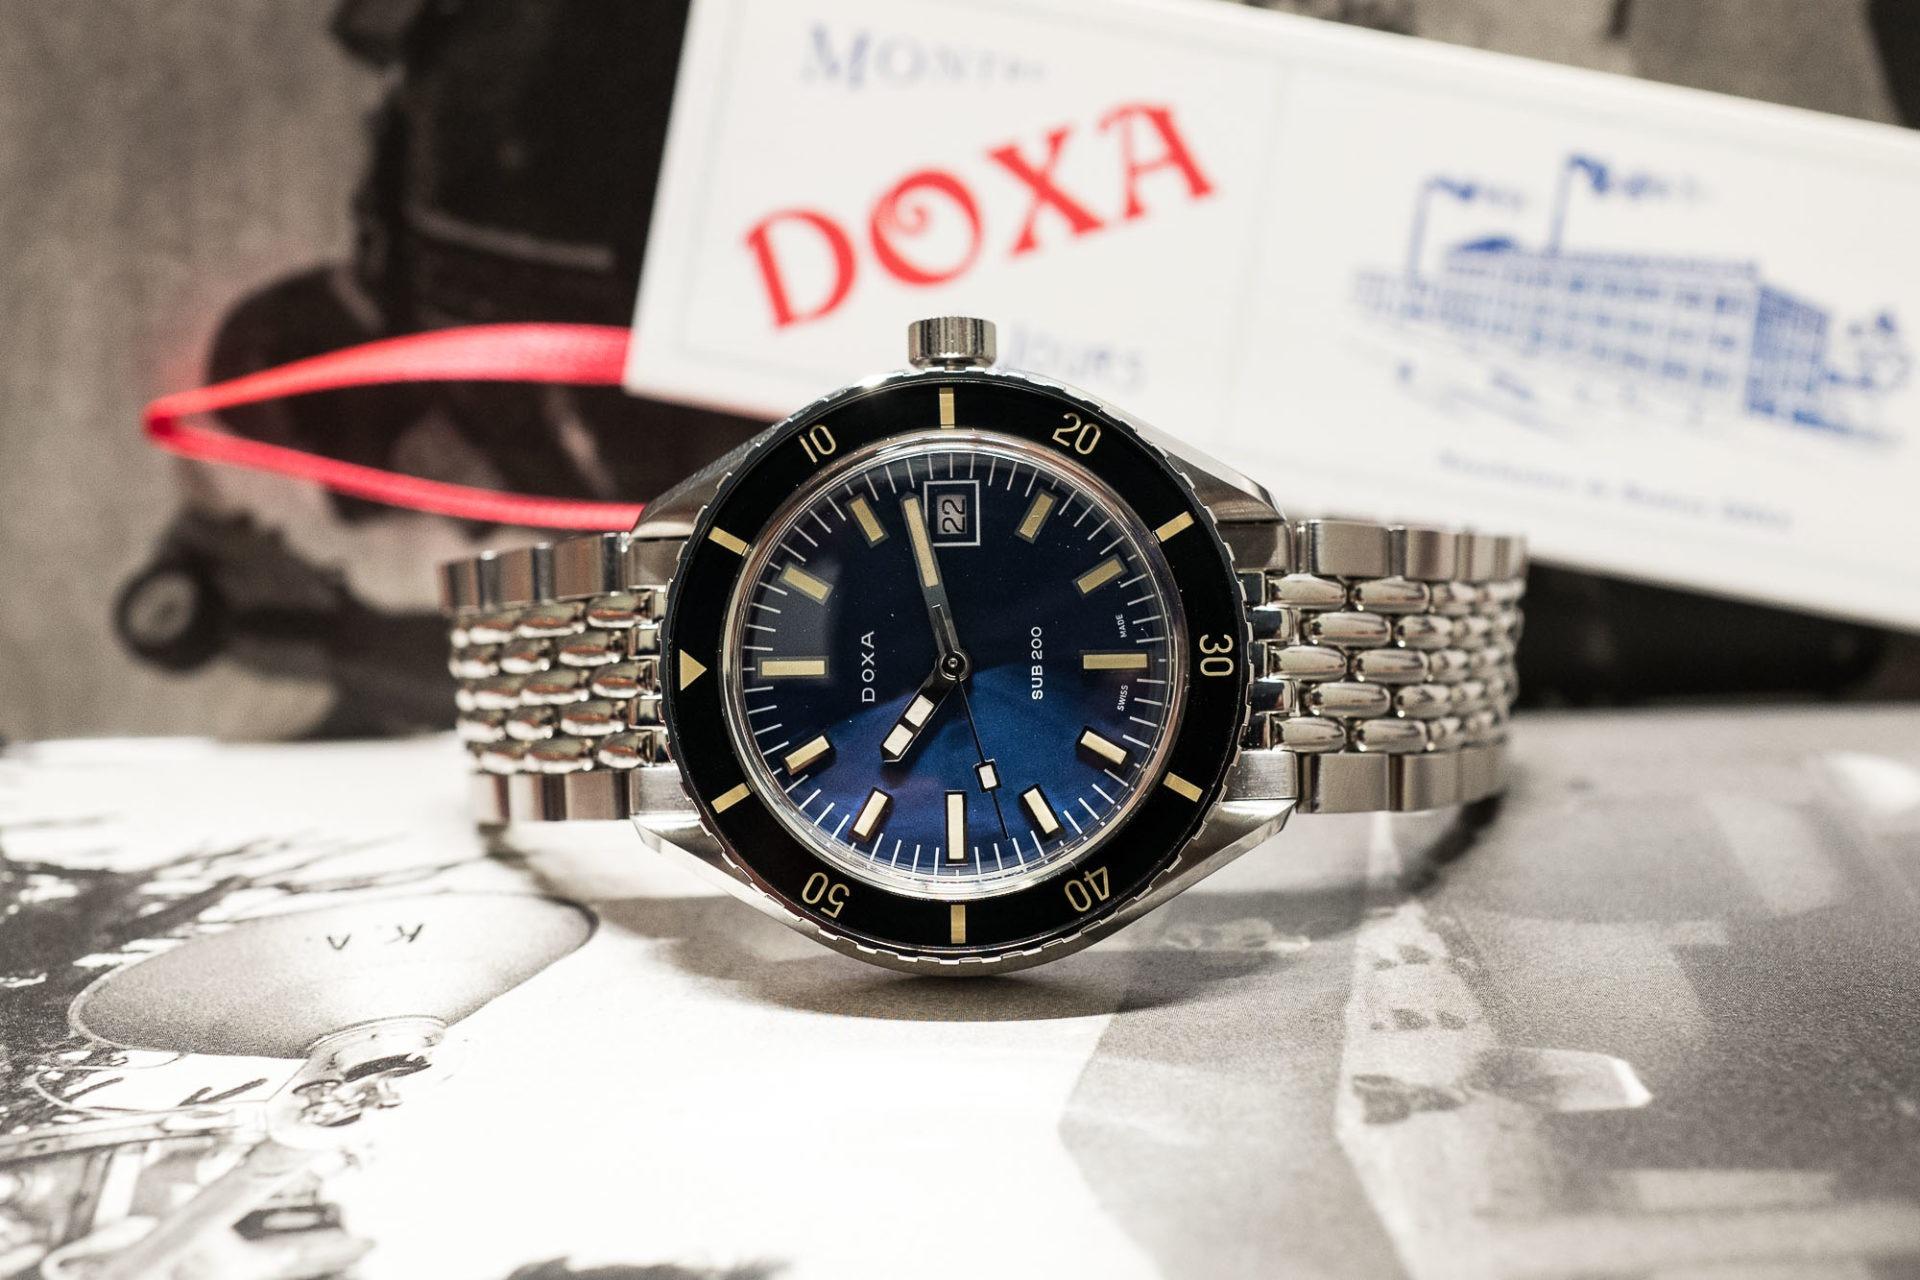 Doxa SUB 200 - 2019